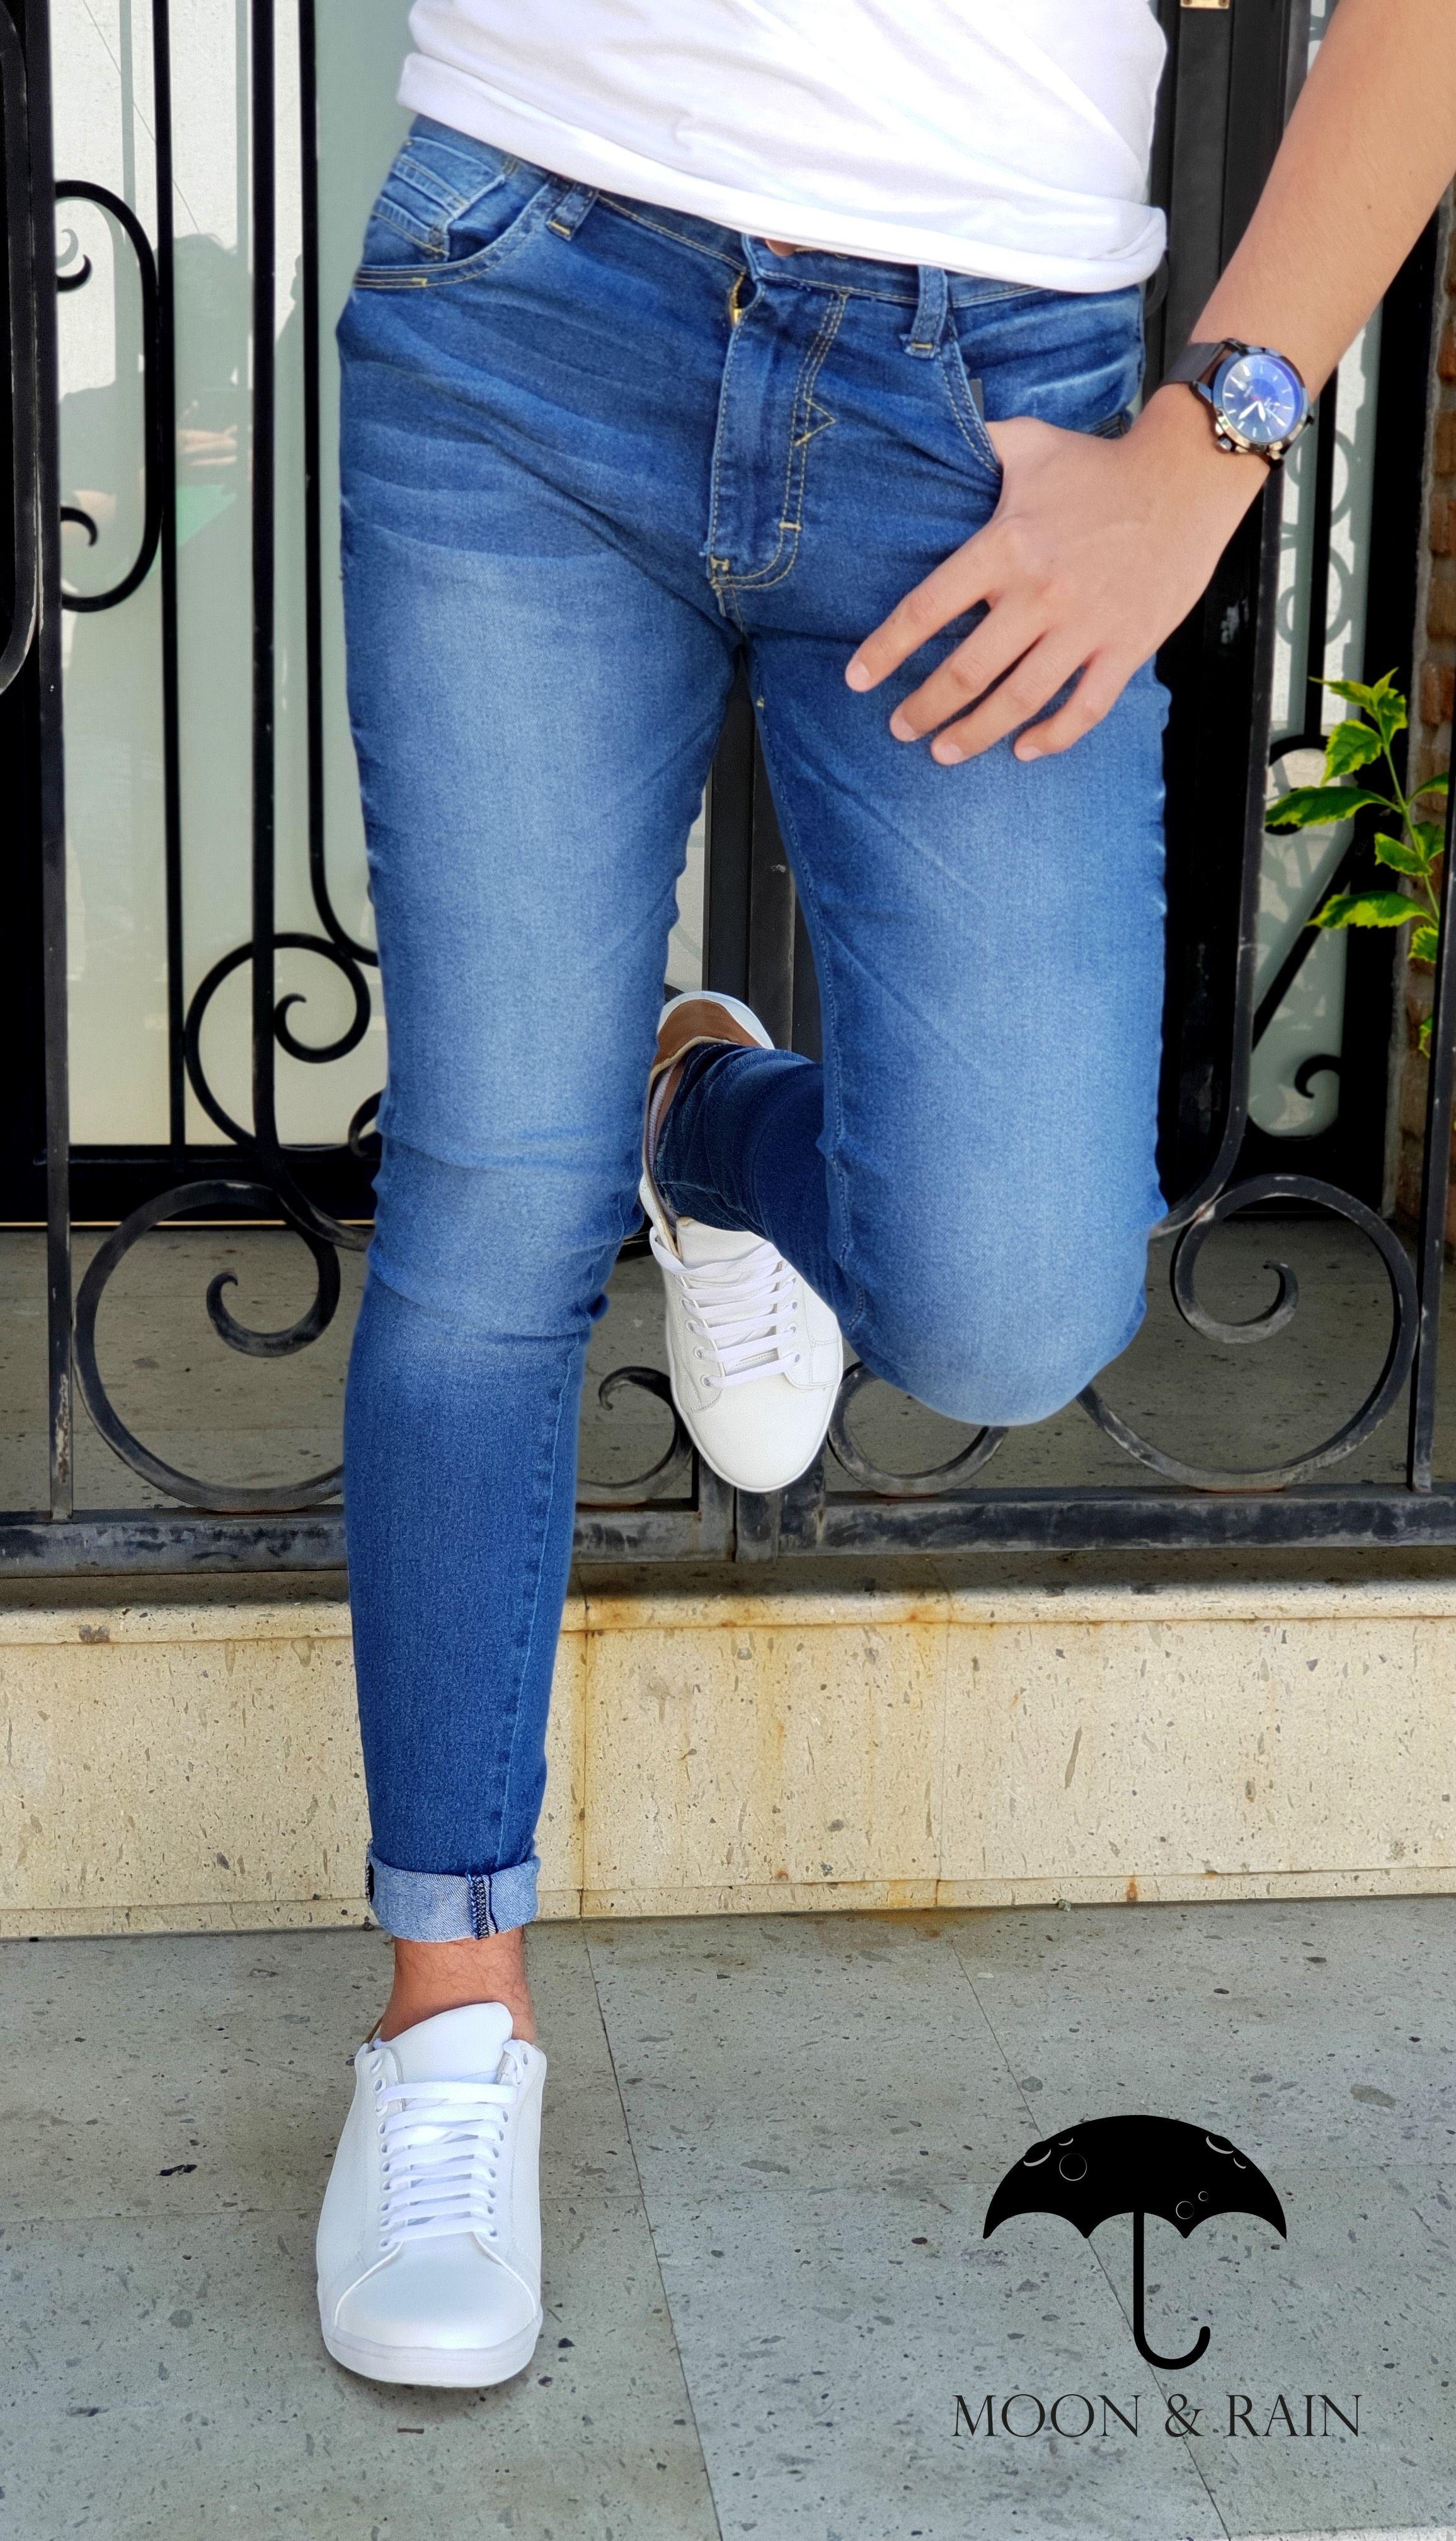 Jeans De Mezclilla Skinny Deslavado De La Marca Moon Rain Y Tenis En Piel Blancos Hecho En Mexico Por Moon Rain Tight Jeans Men Skinny Jeans Jeans Style